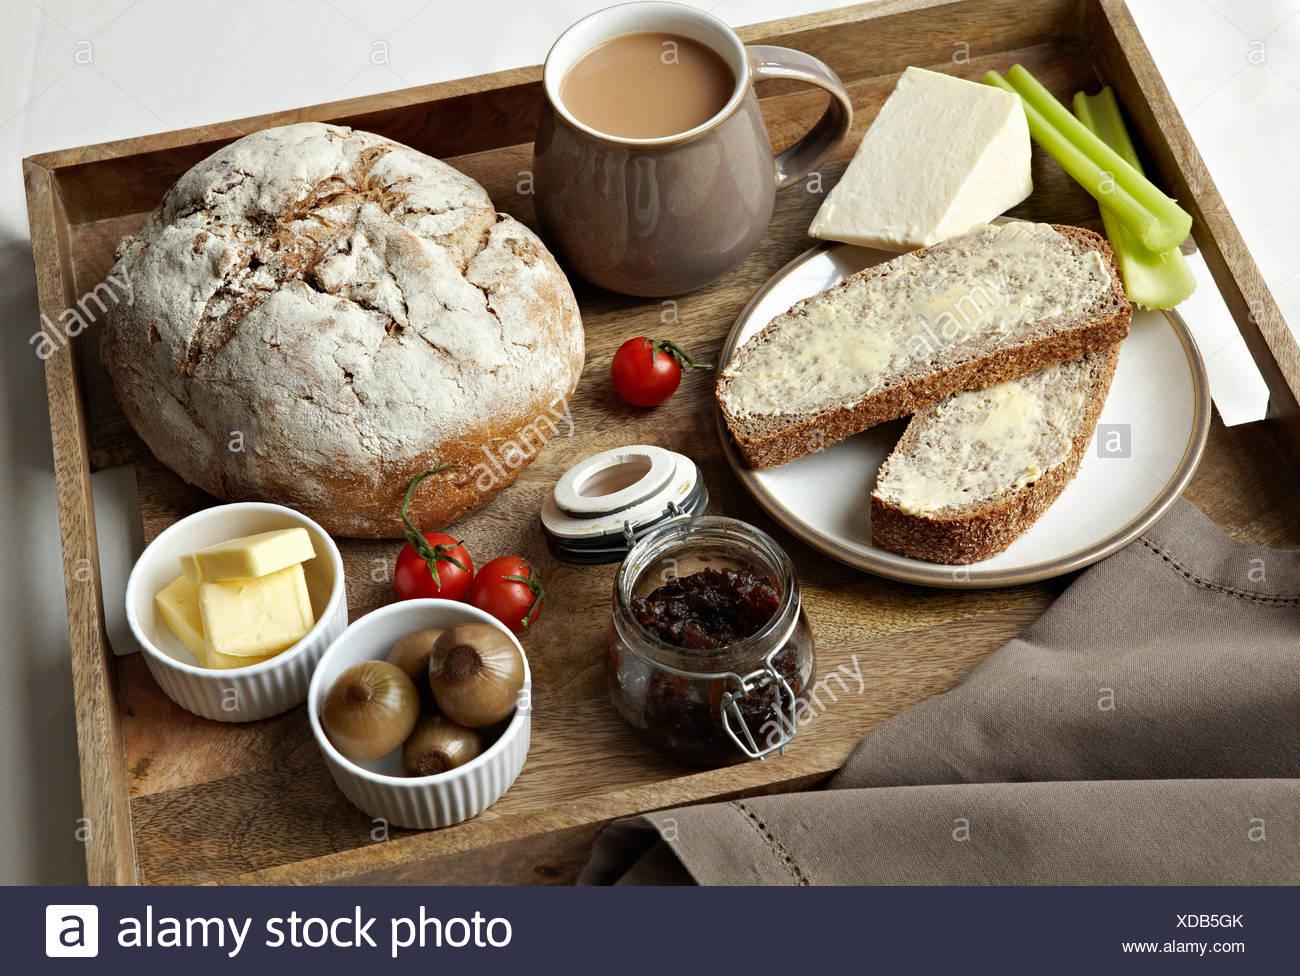 Plateau de petit-déjeuner de pain, confiture et café Photo Stock